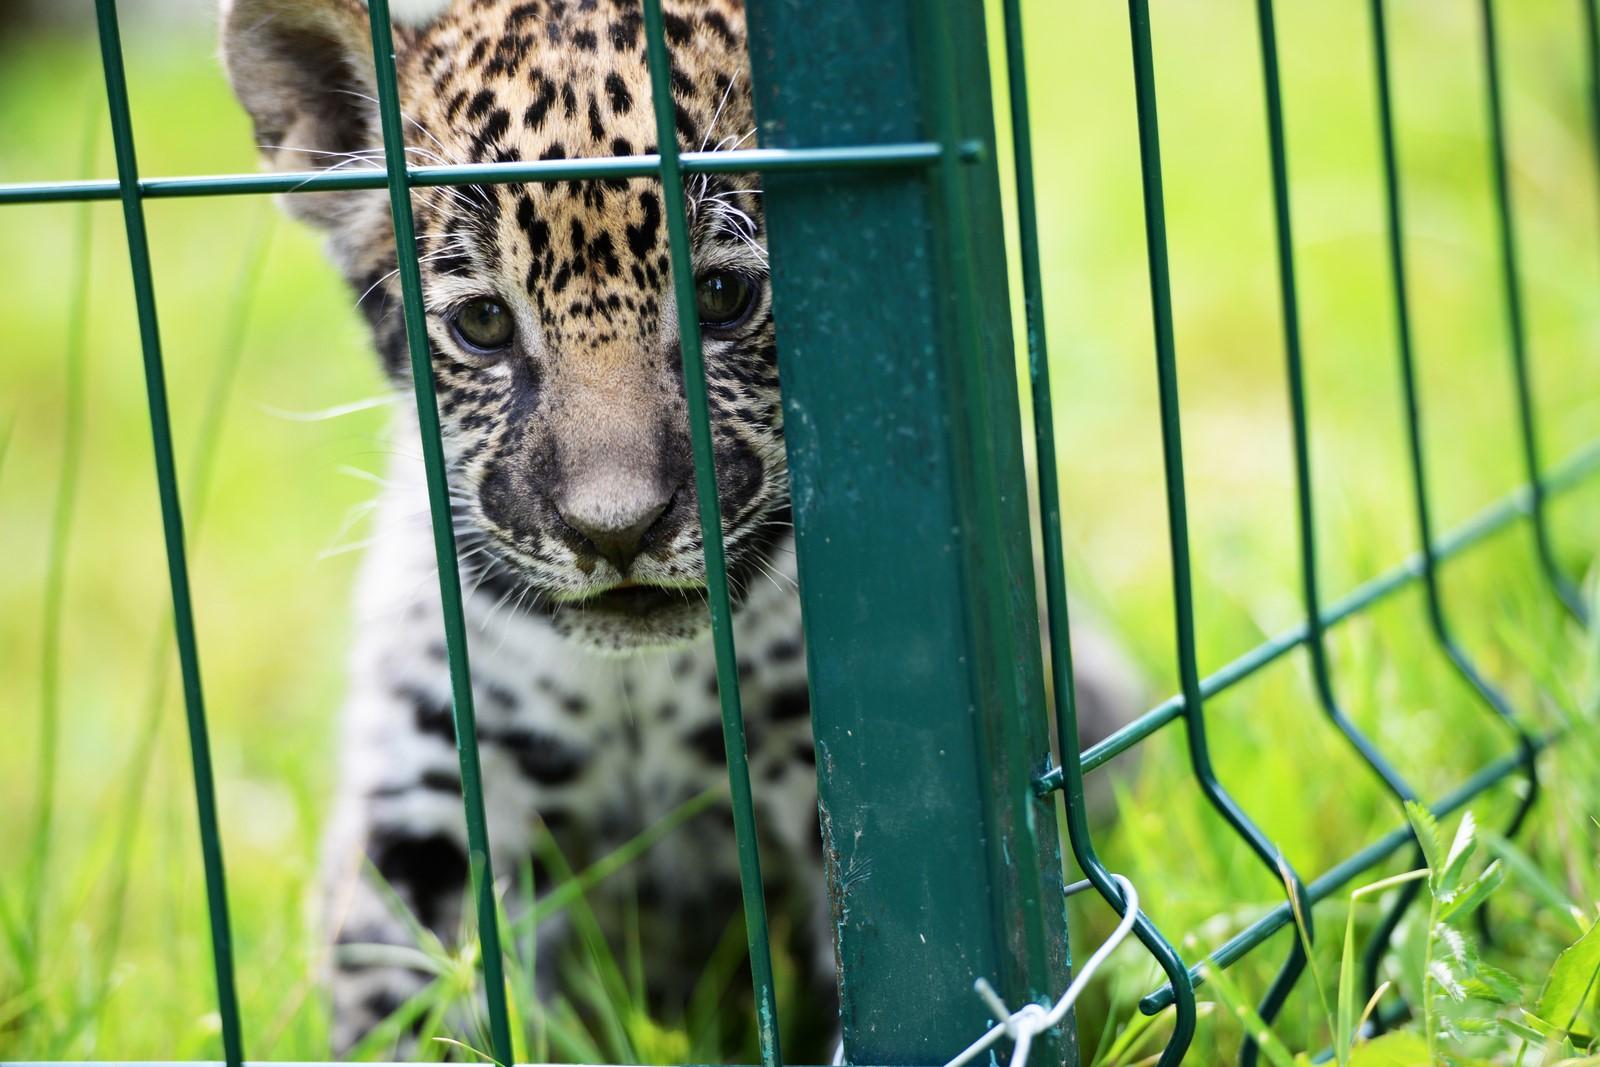 Cât costă să vinzi înghețată lângă jaguari? De la 1.220 de lei pe lună în sus